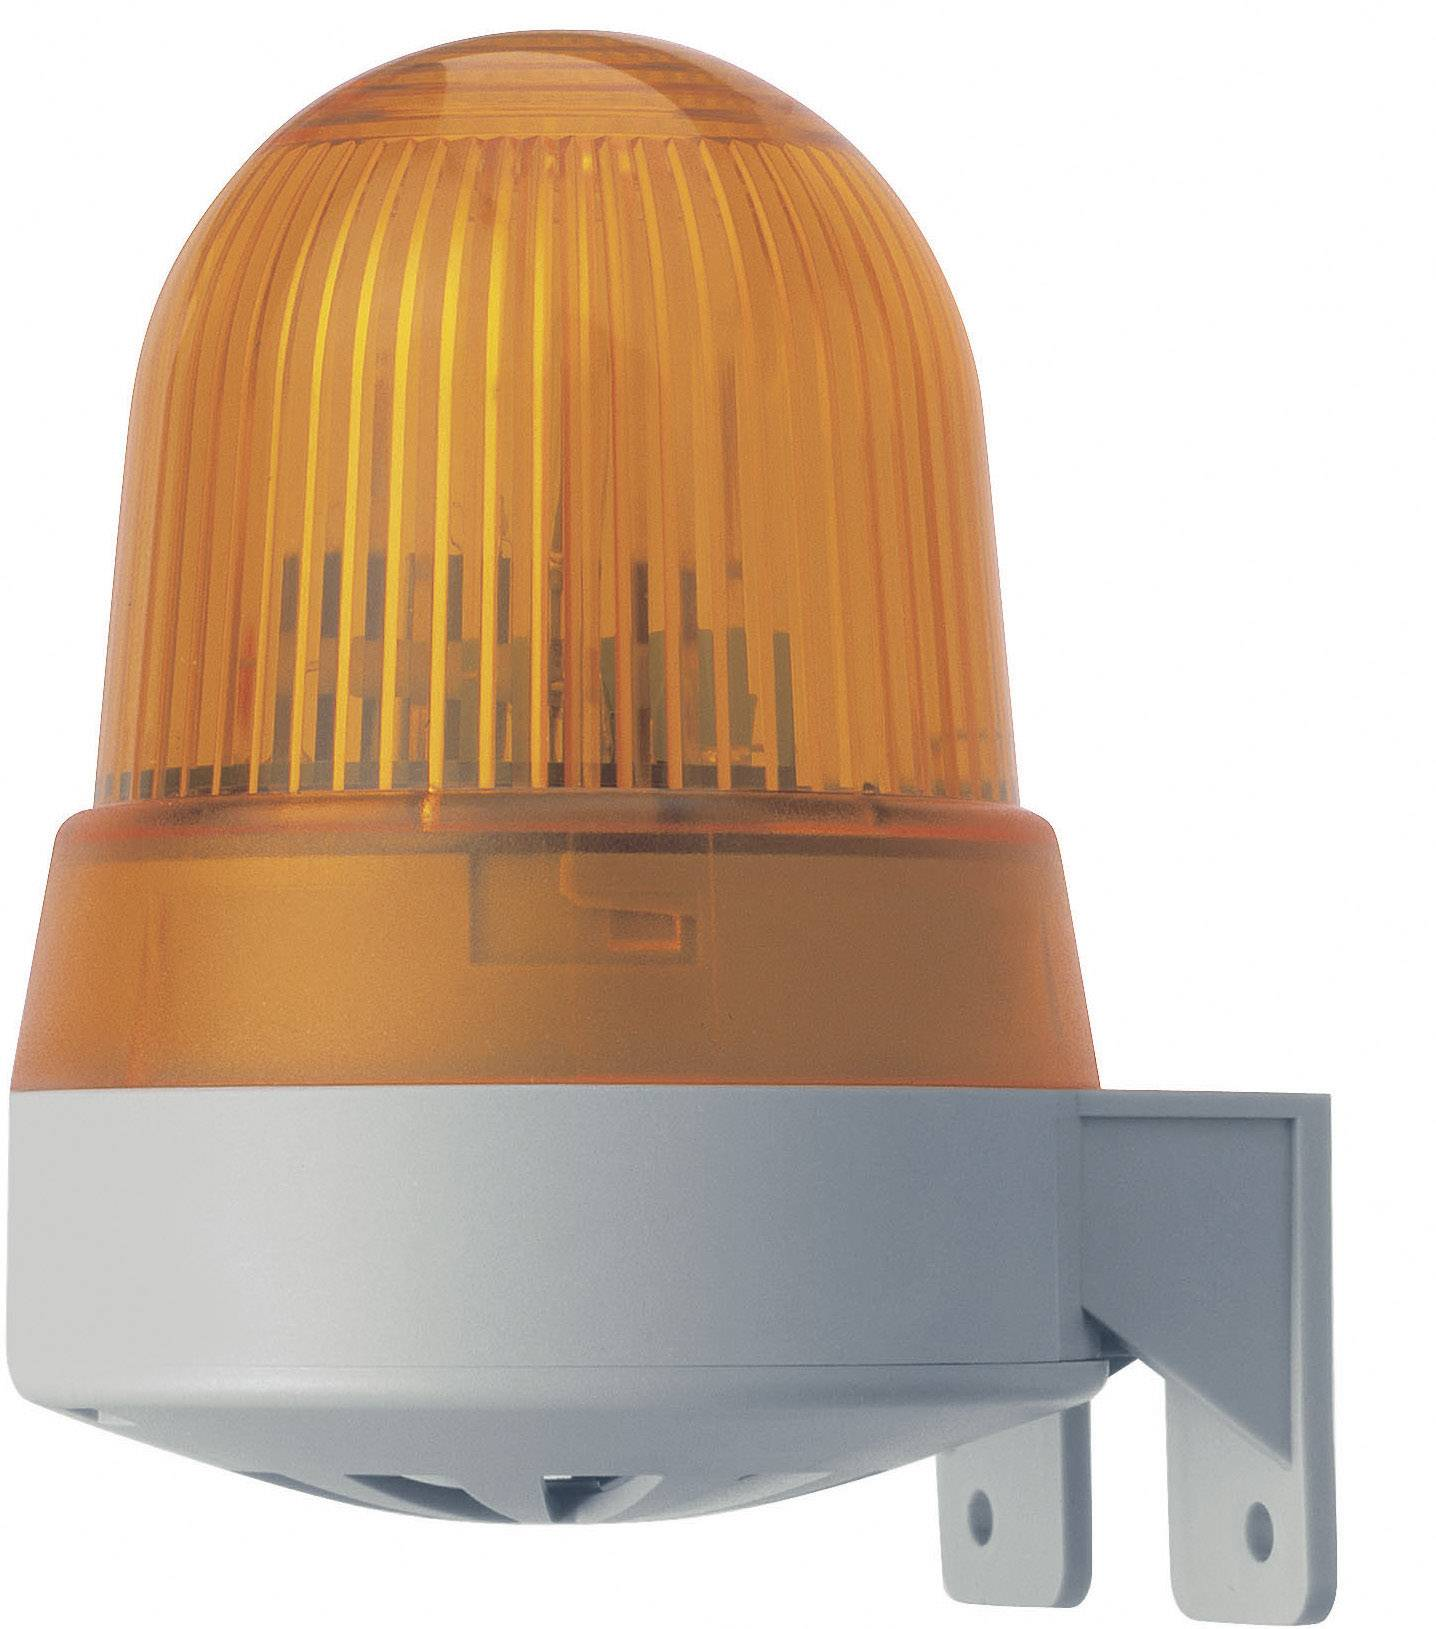 Signalizačný bzučiak LED Werma Signaltechnik 422.110.68, 92 dB, 230 V/AC, trvalé svetlo, červená